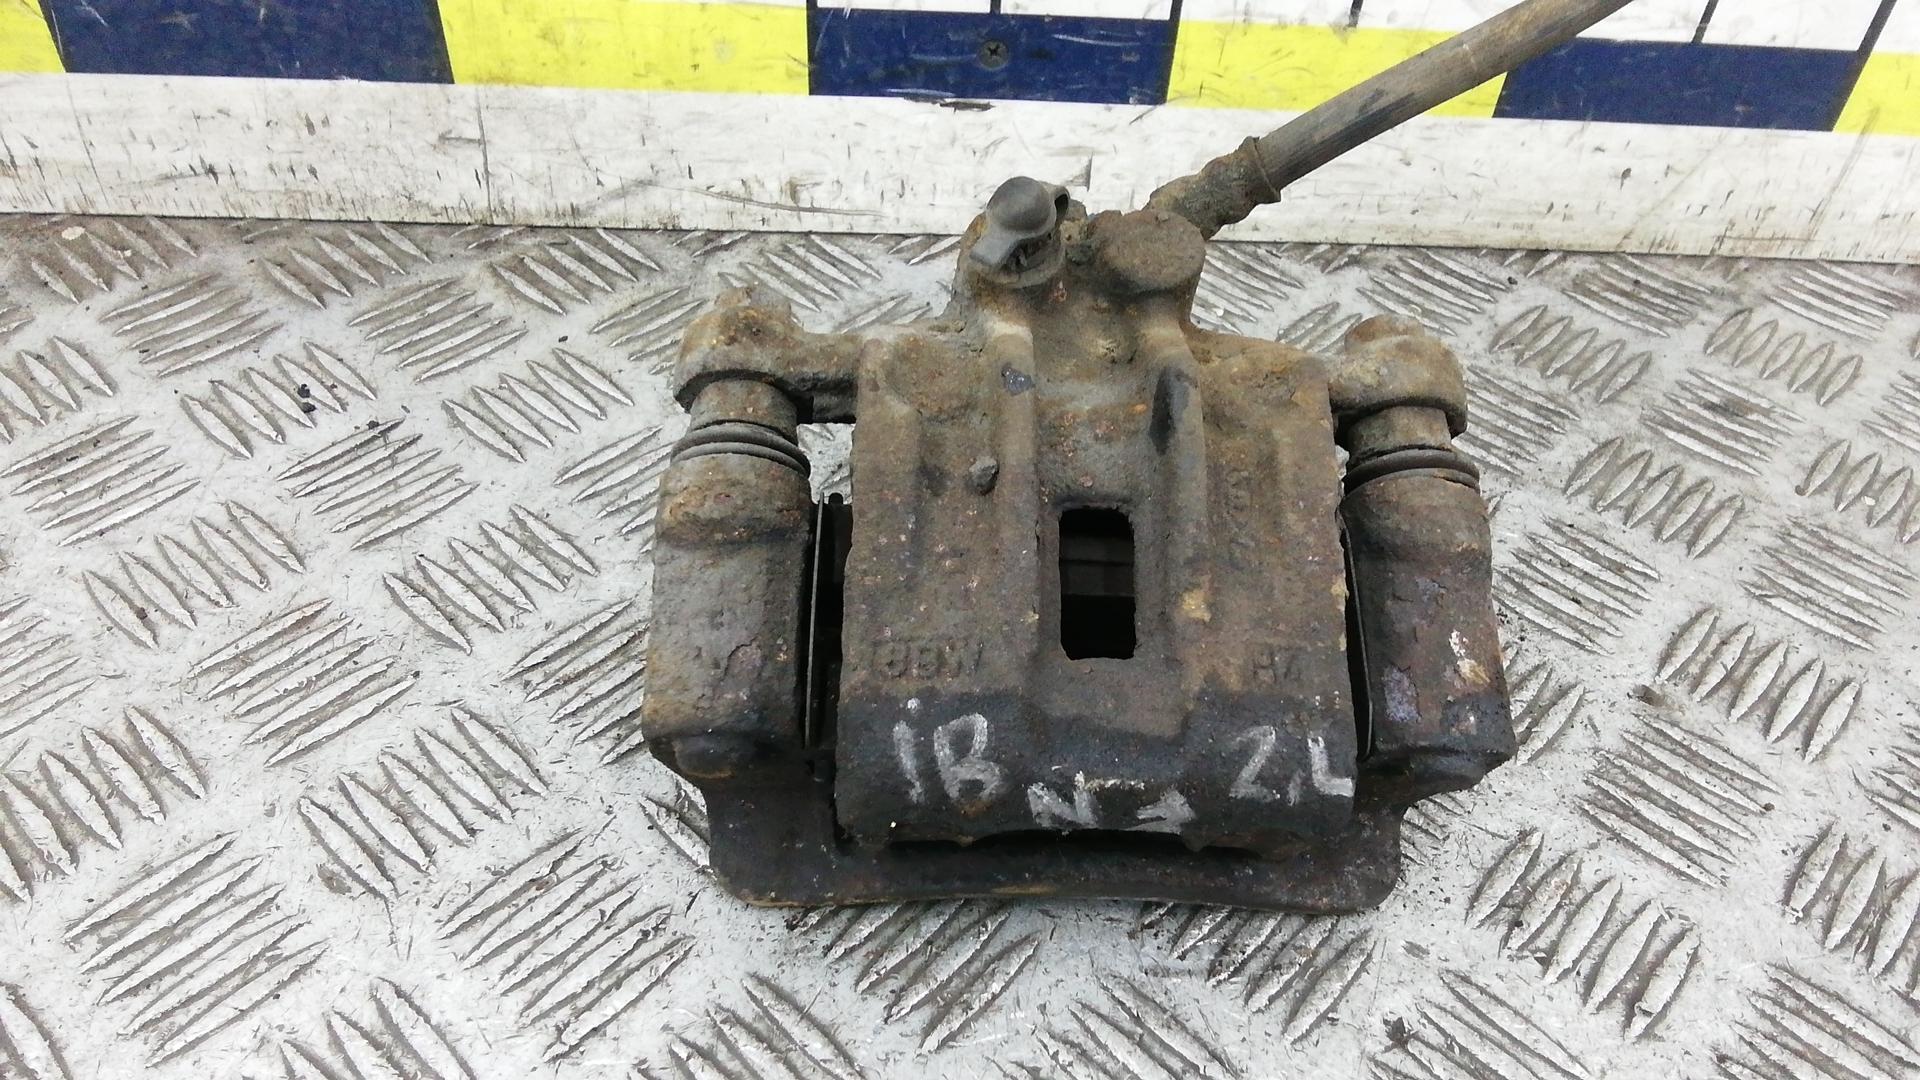 Суппорт тормозной задний левый, KIA, CEE'D 1, 2008